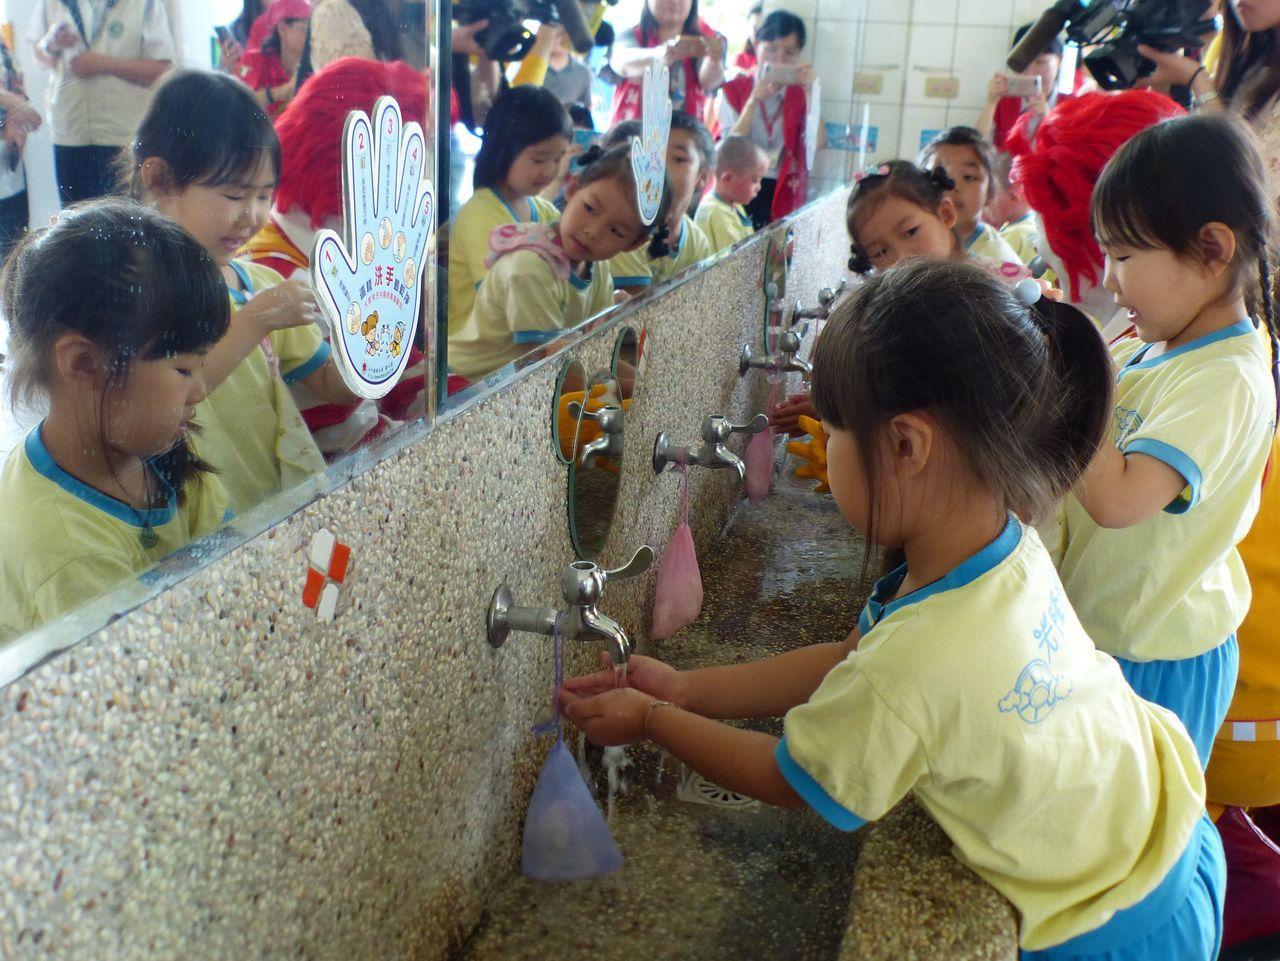 9月開學季,台中市新增2腸病毒重症,台中市衛生局提醒學校和家長,教導孩子正確洗手...